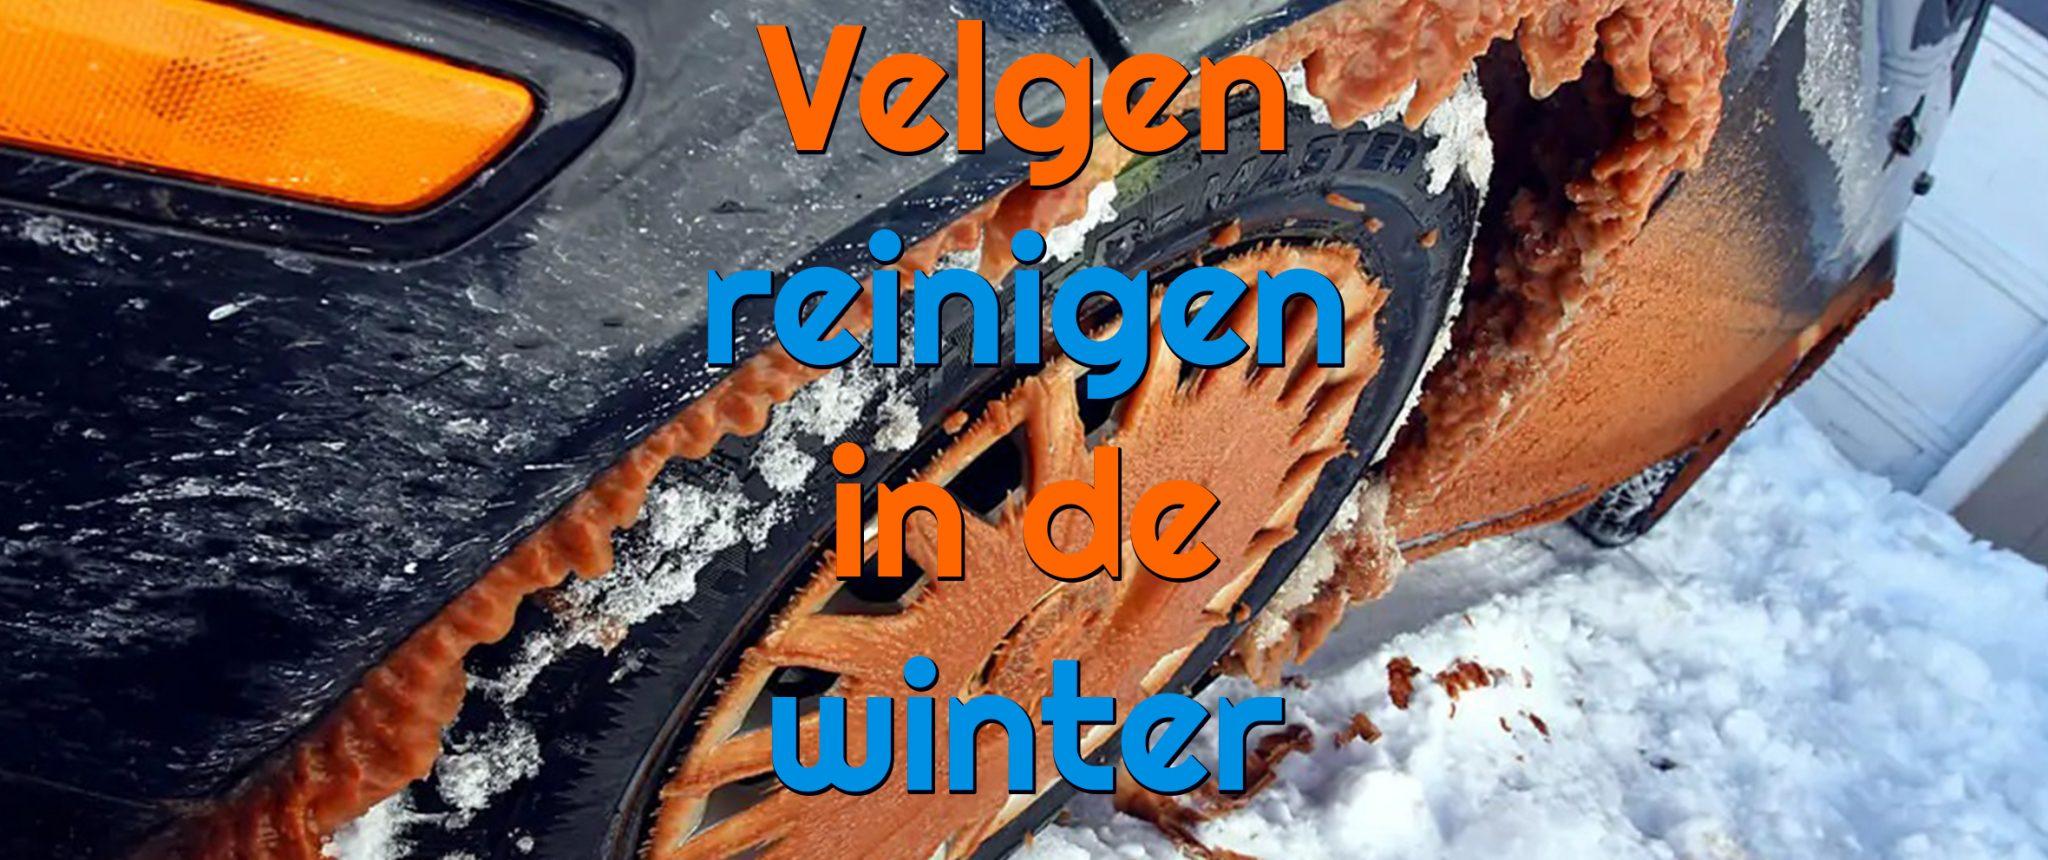 Velgen Reinigen In De Winter Belangrijk Niet Moeilijk